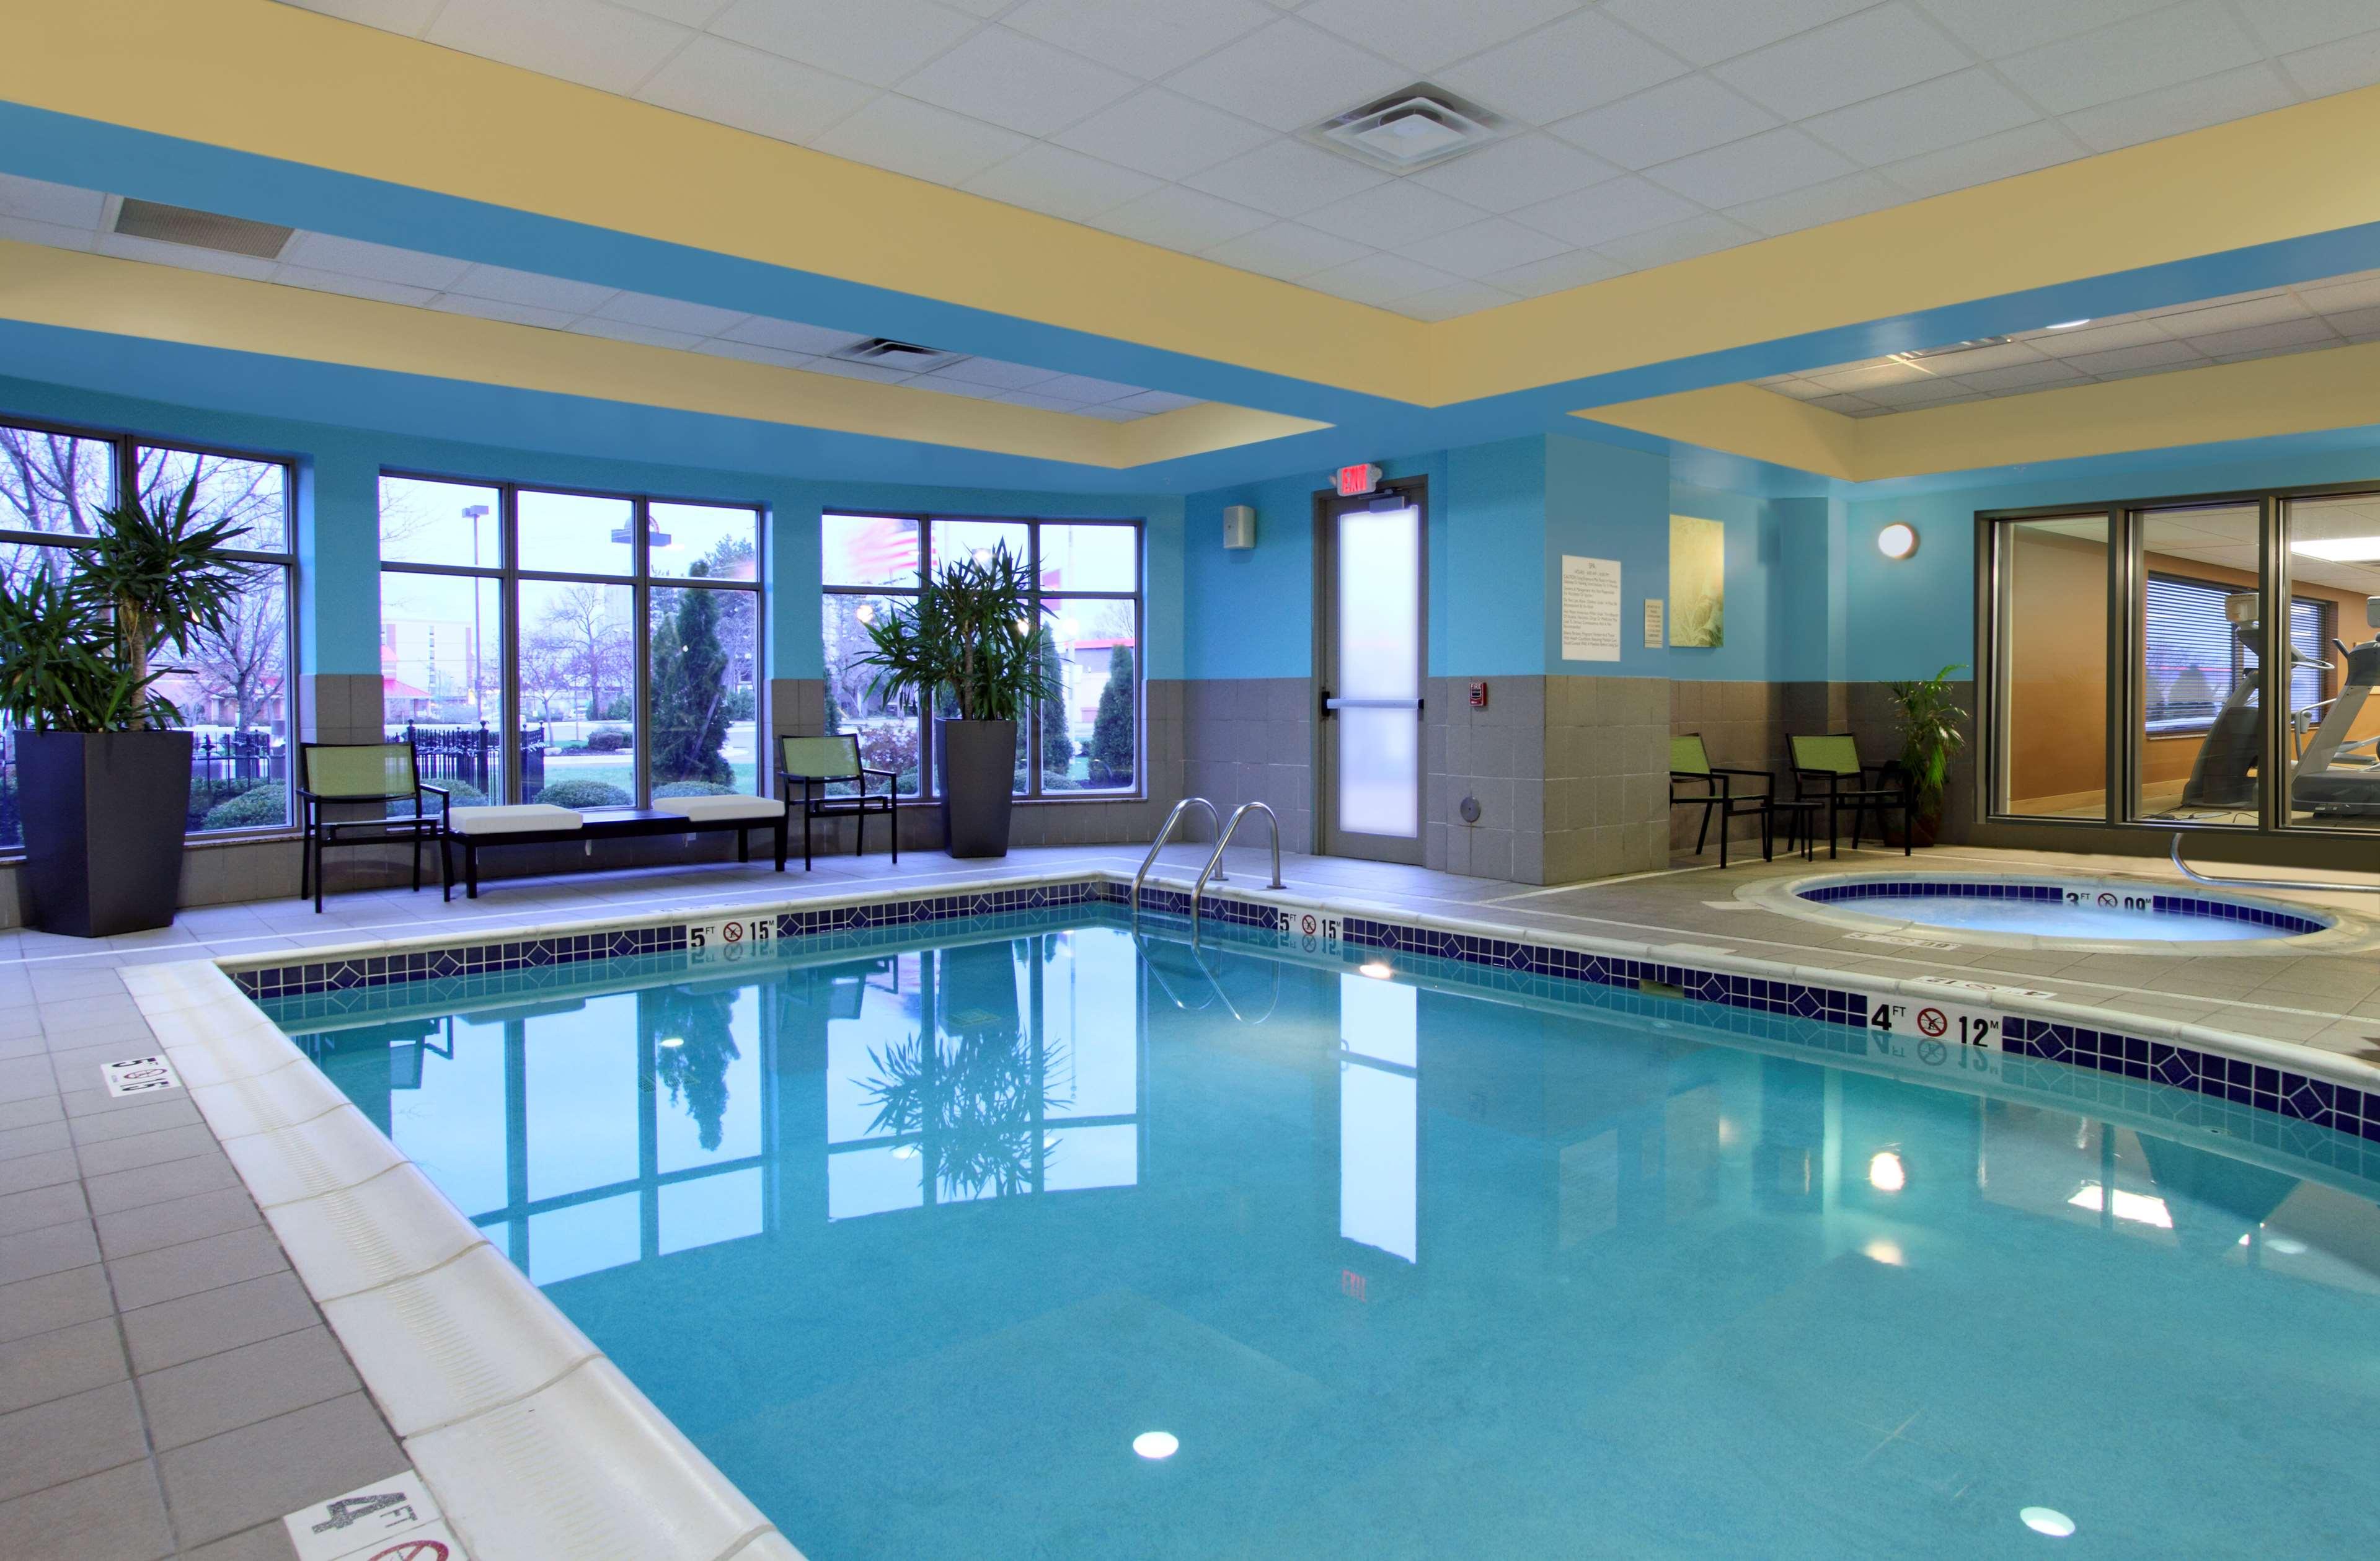 Hilton Garden Inn Columbus-University Area image 6